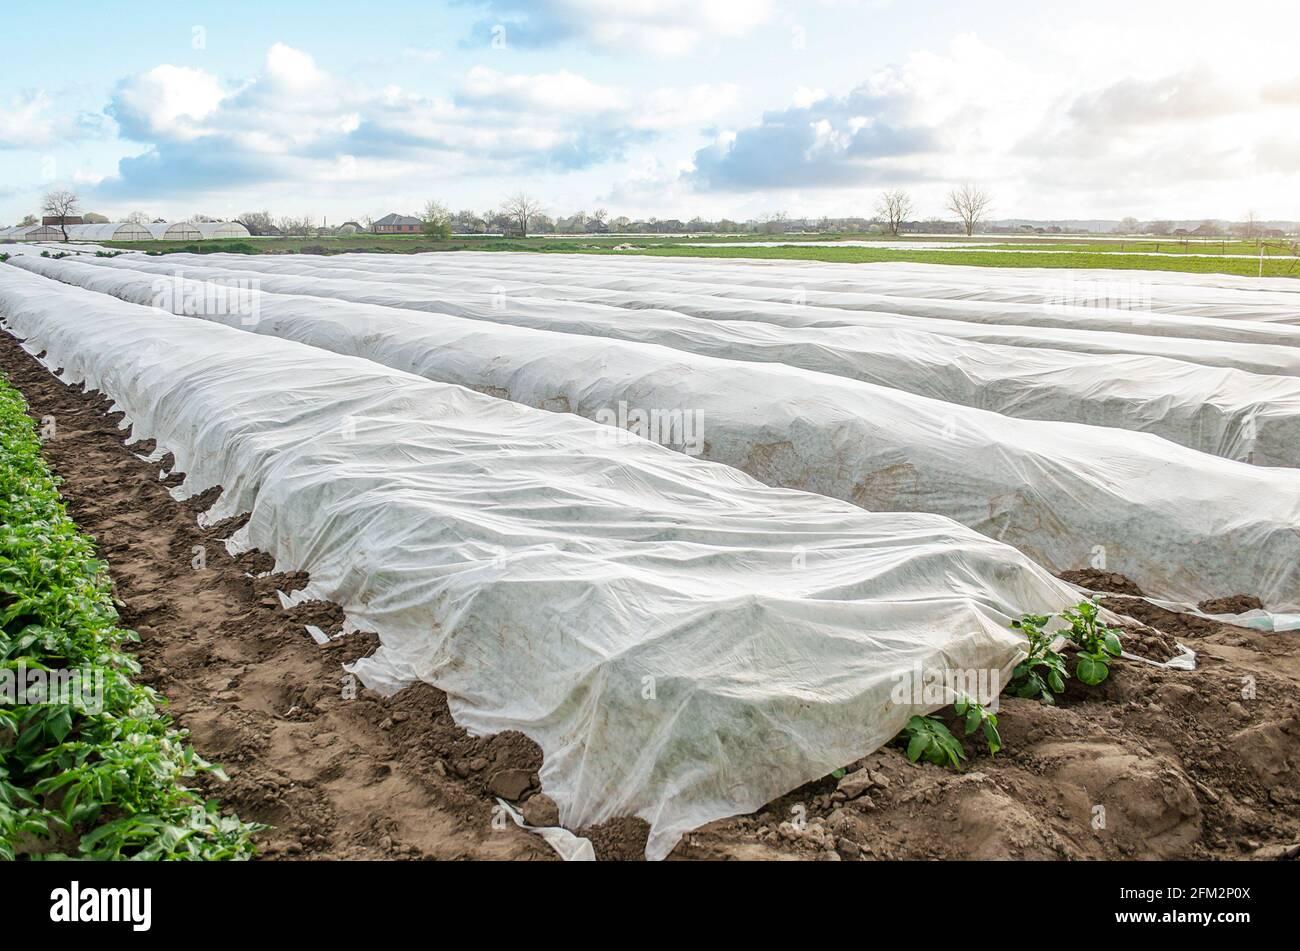 Plantación de papa cubierta por fibra blanca agrícola para protección contra bajas temperaturas nocturnas. Spunbond spunlaed tela agrícola no tejida. M Foto de stock